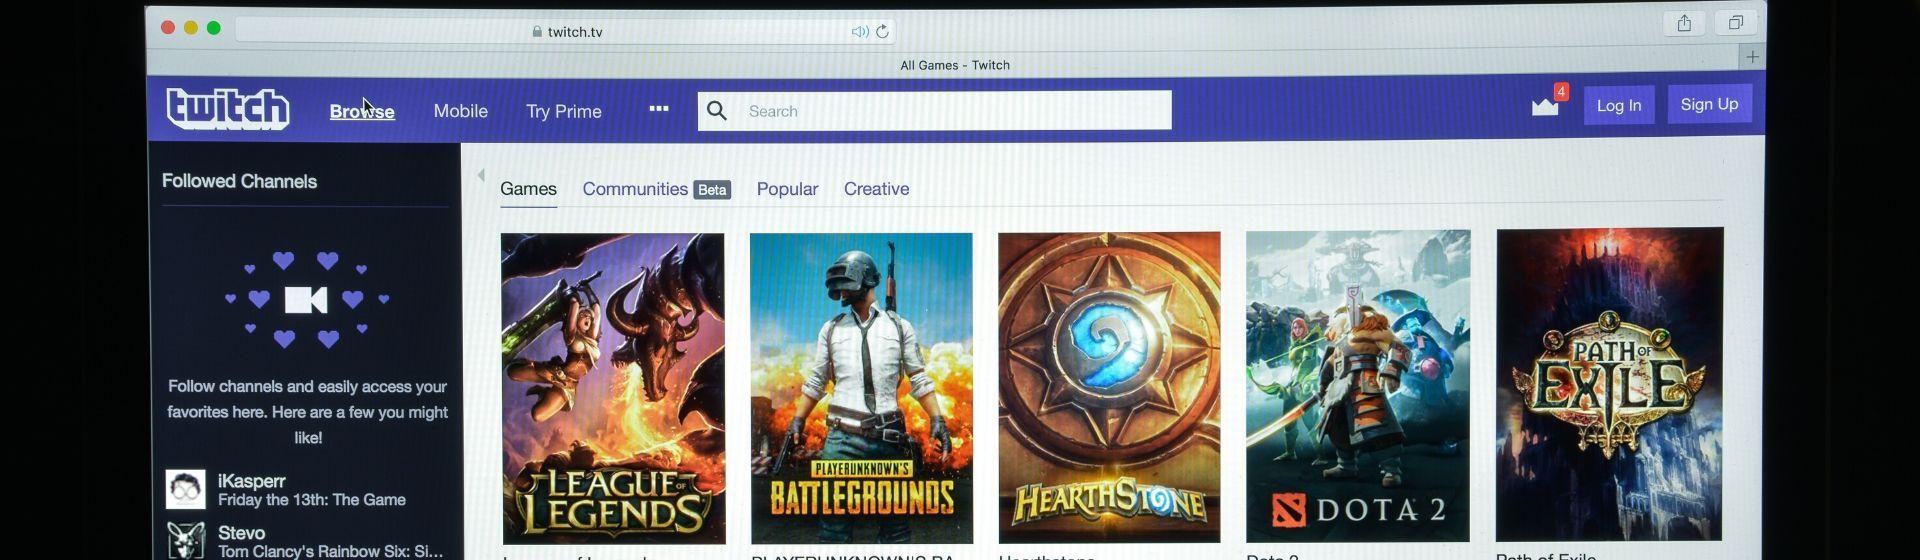 TVs LG ganham suporte ao app Twitch; veja mais detalhes